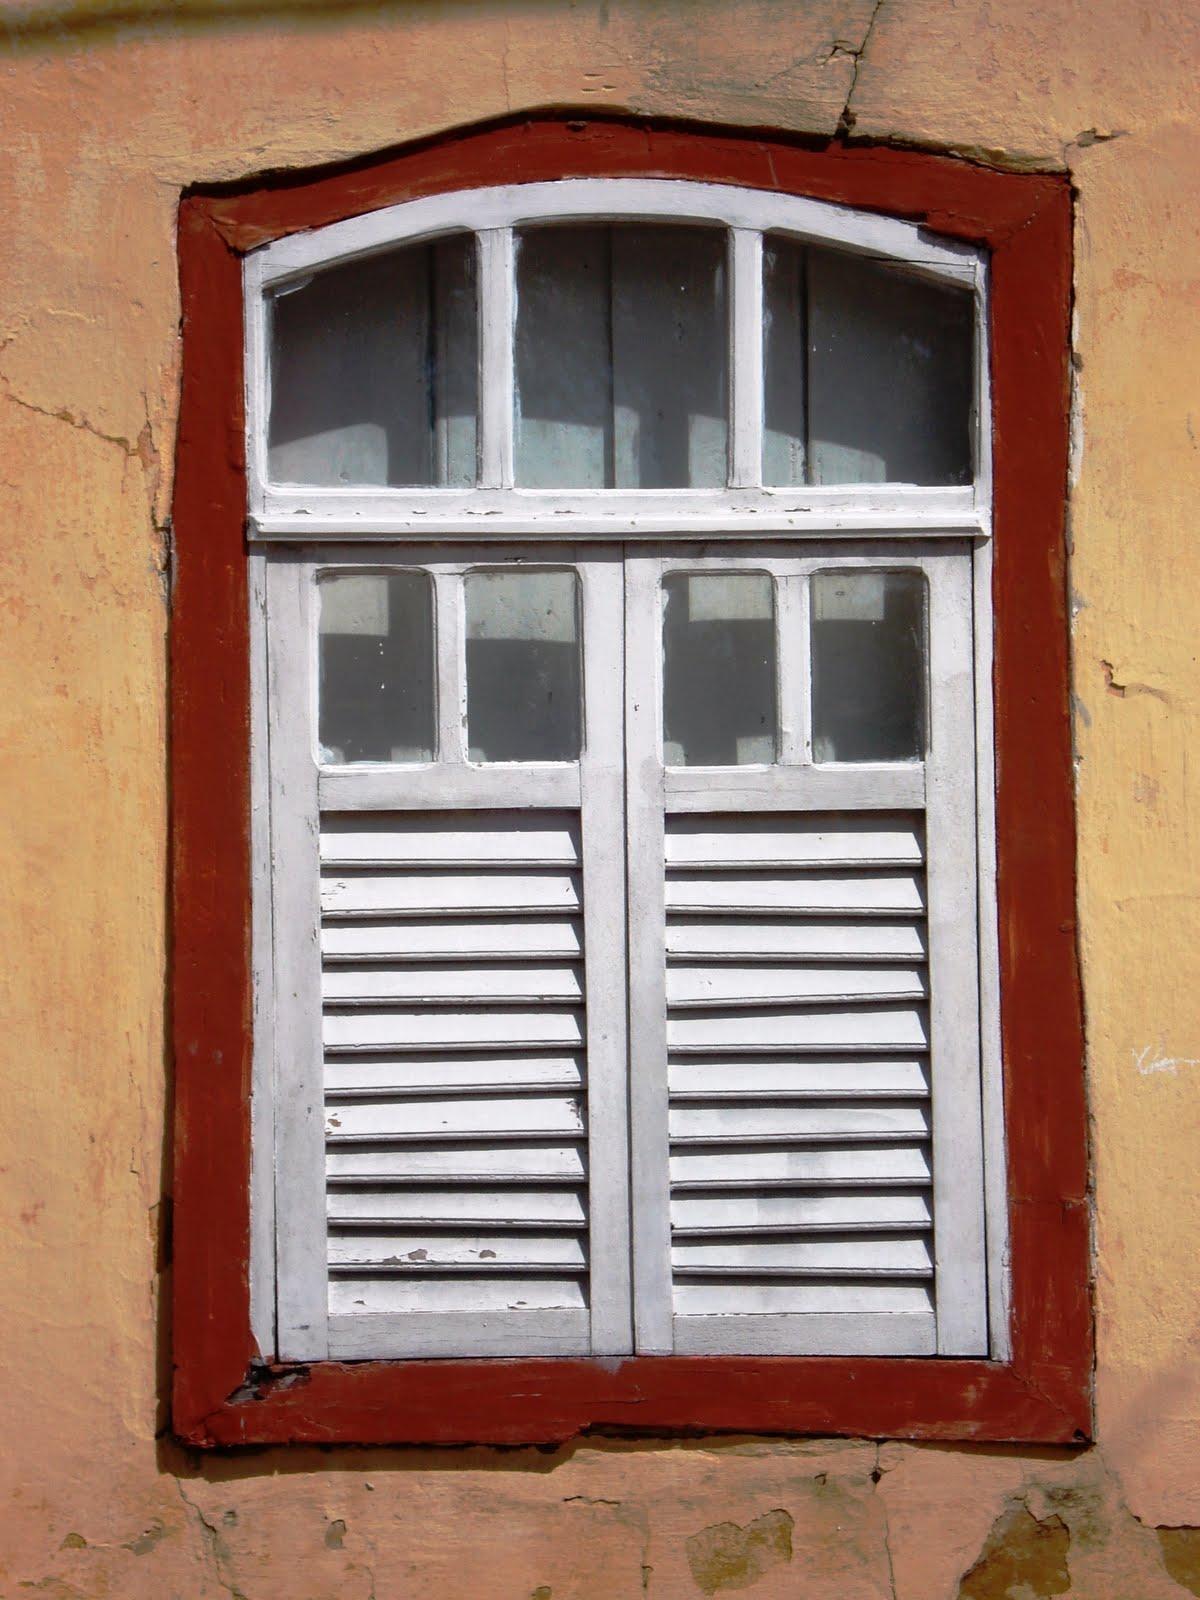 #6B2012 KAKI AFONSO Arquitetura: 03/2010 04/2010 468 Janelas Duplas Em Madeira